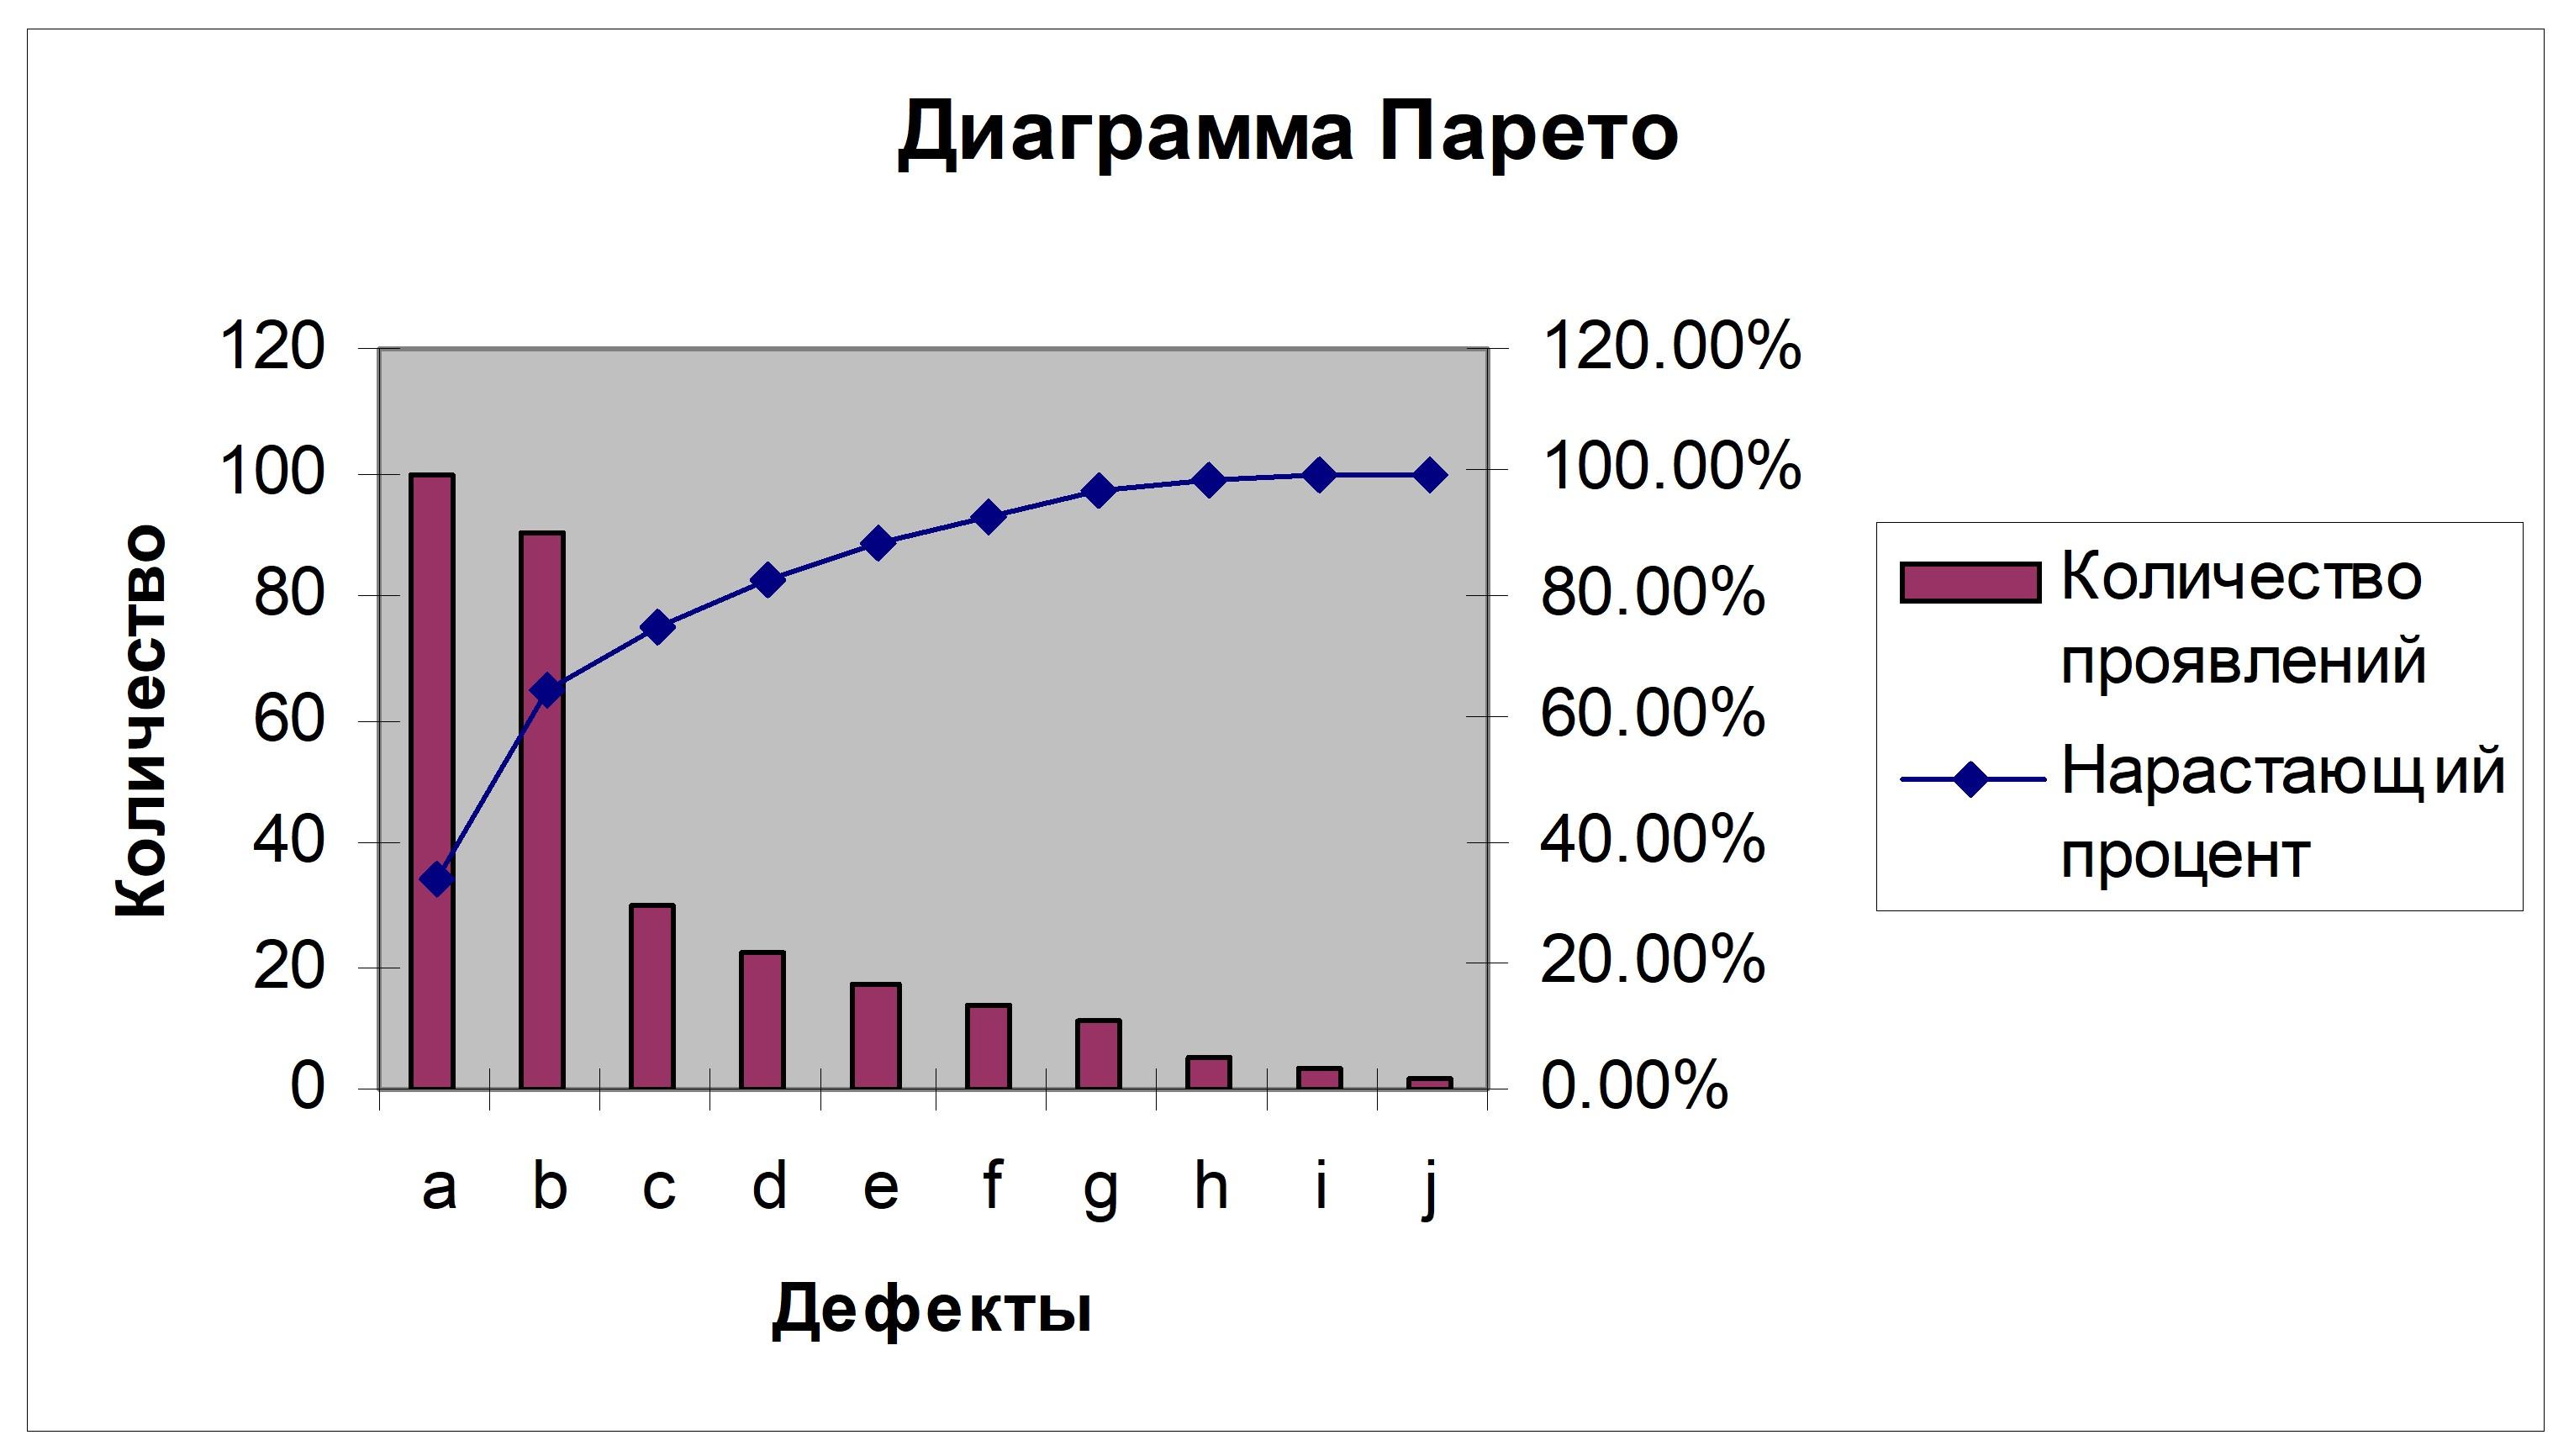 Как сделать диаграмму с процентами в Excel 60